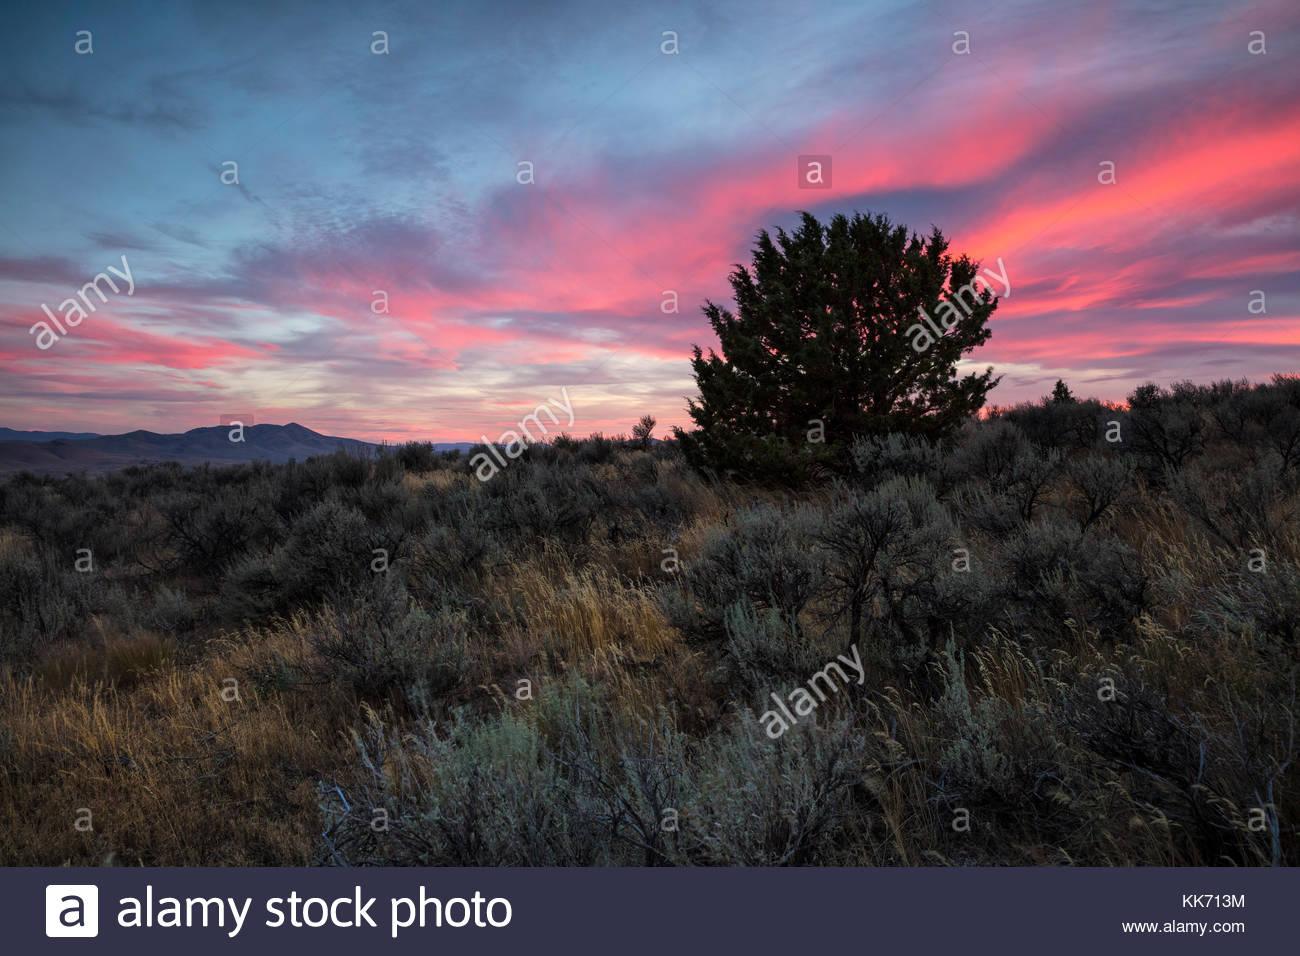 Ein Band der altostratus Wolken spiegeln die rote Farbe der Sonnenuntergang über die mormonische Becken in Stockbild